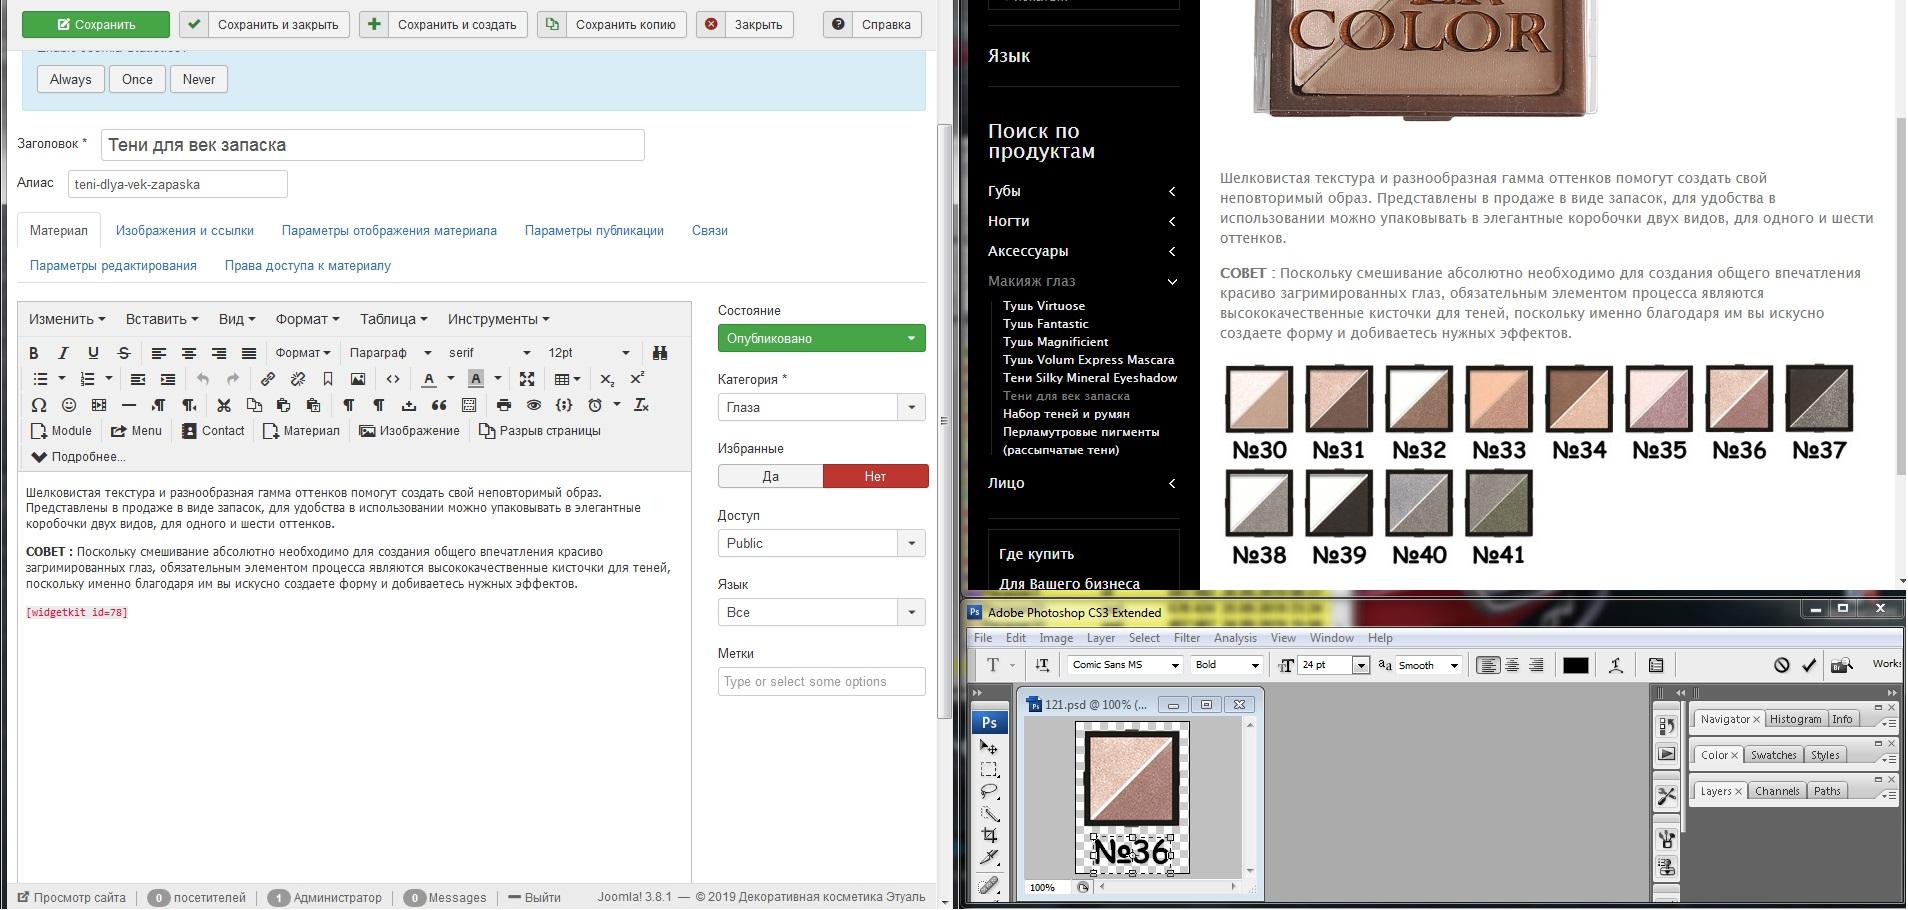 Фото Создание новых страниц на сайте косметики. Заполнение новыми товарами (фото, описание, характеристики). Добавление тонов конкретной косметики с помощью Photoshop.